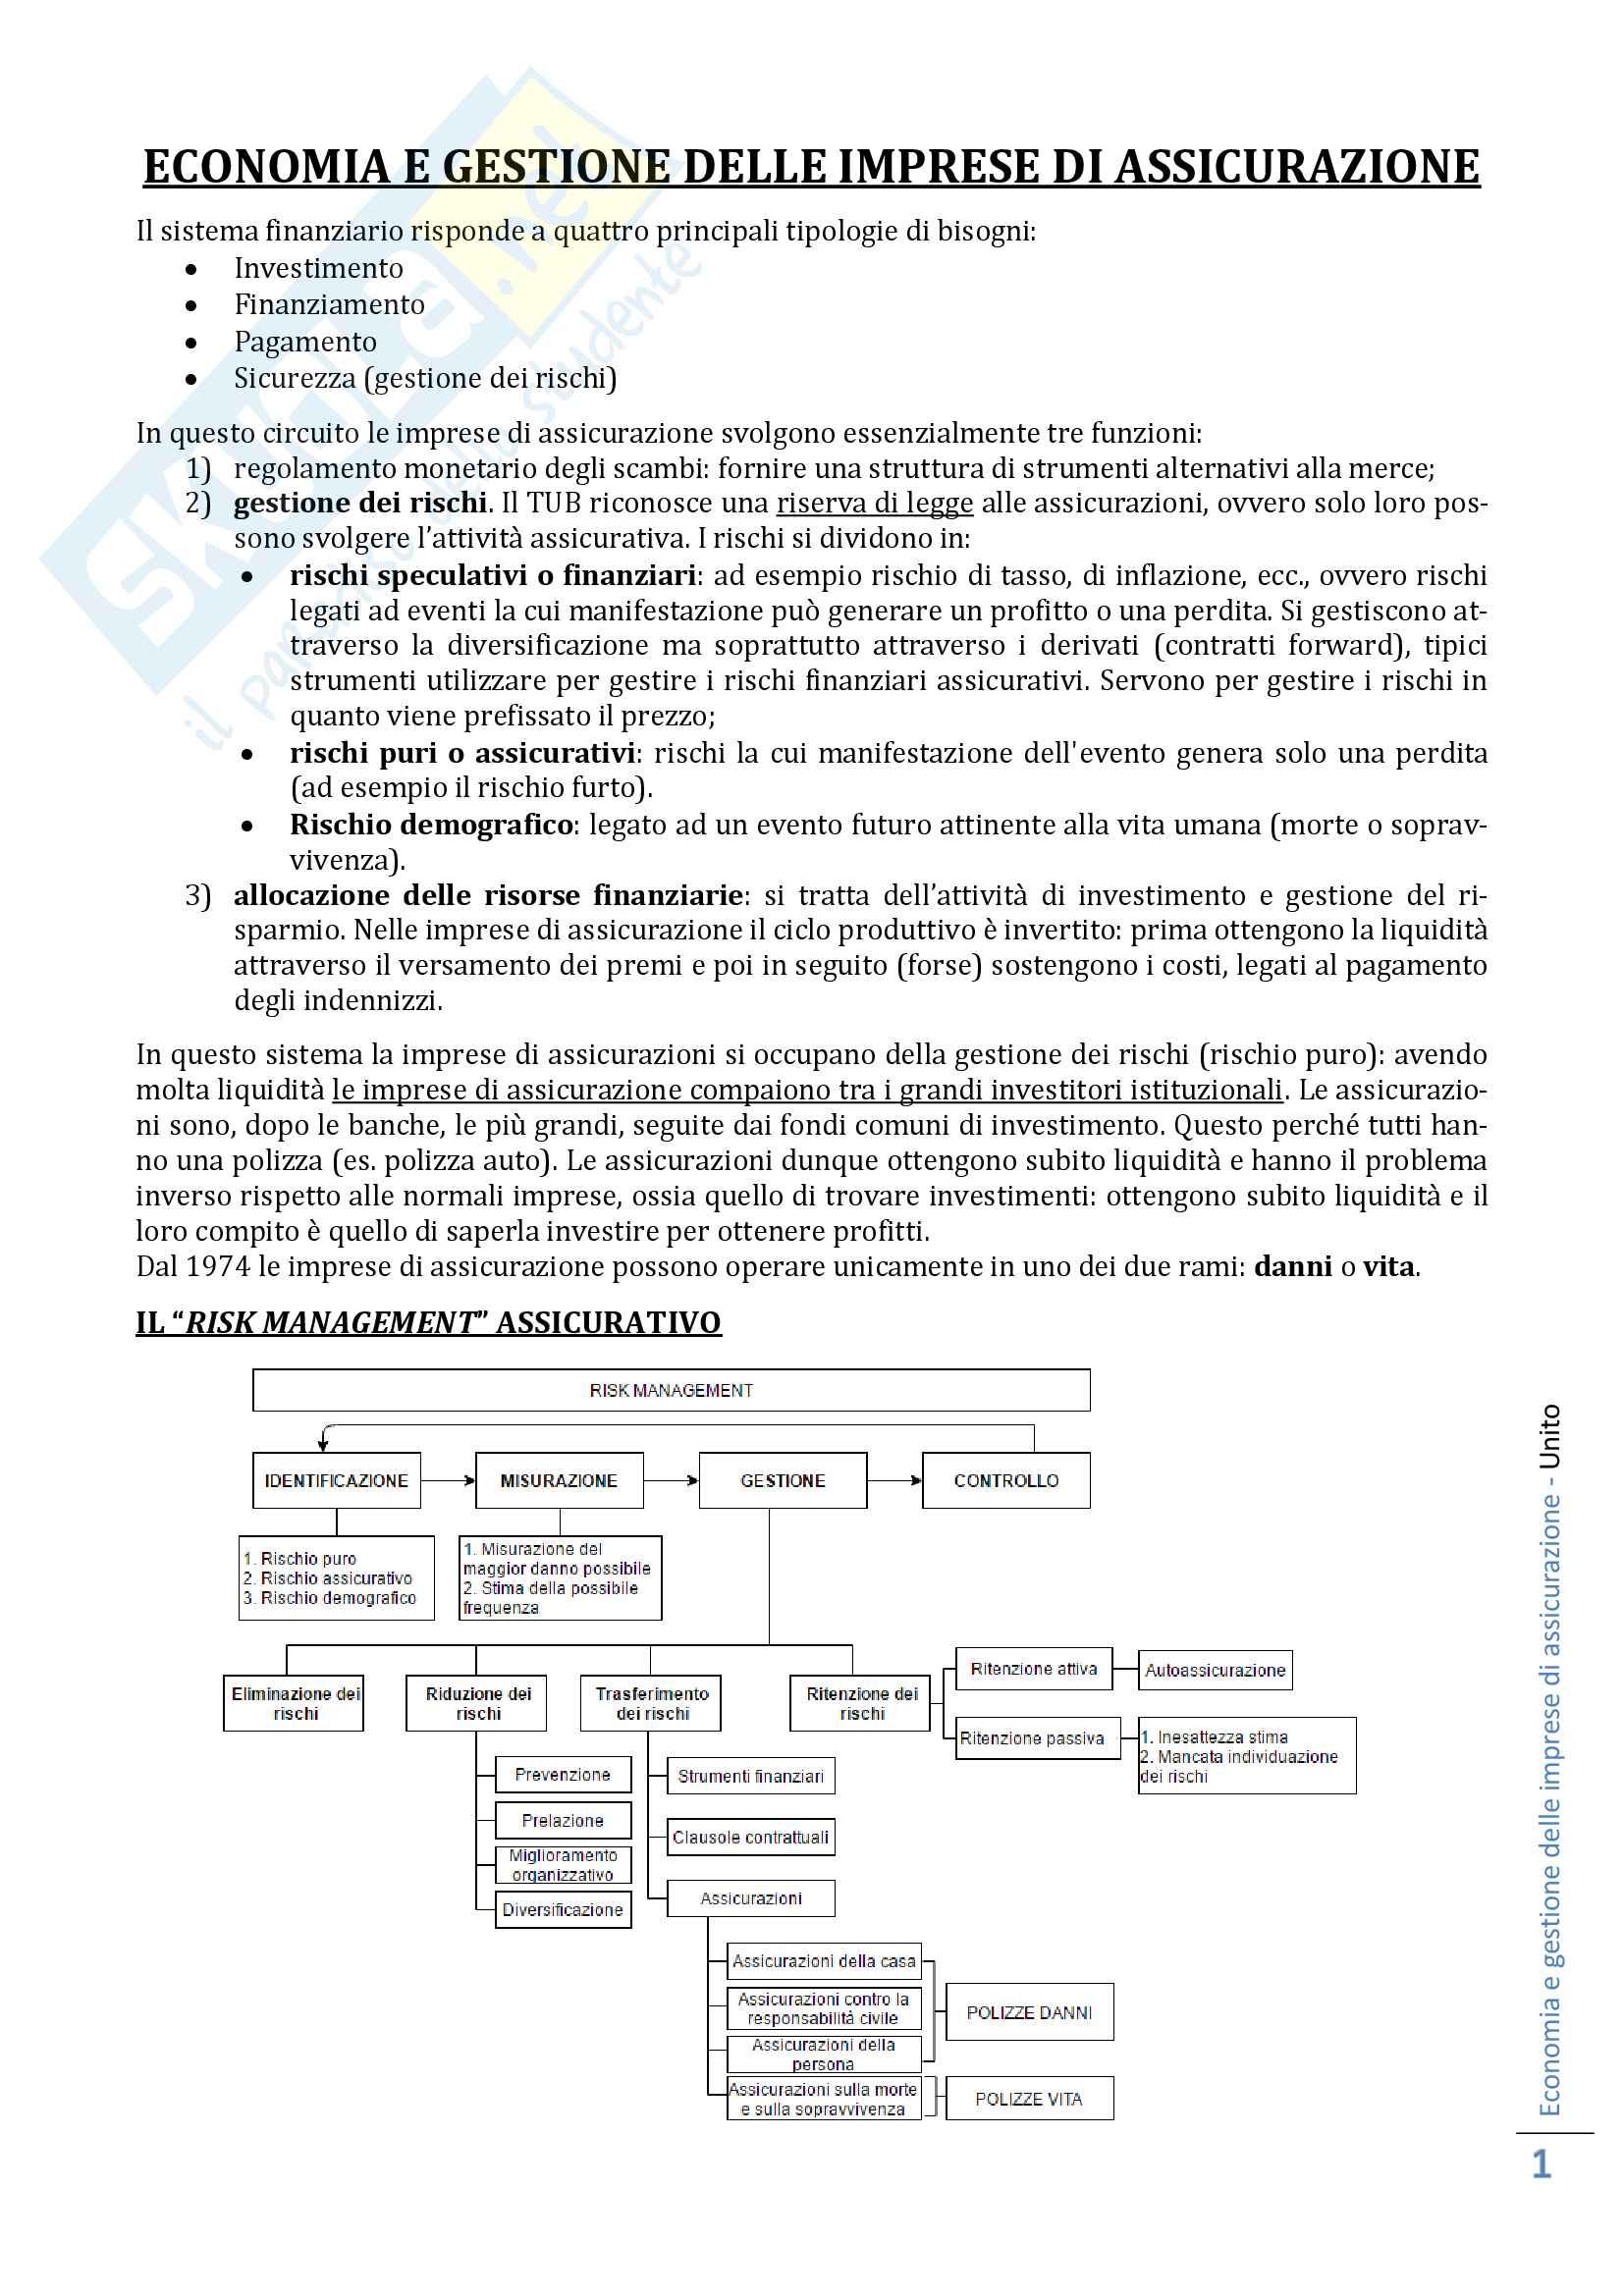 Economia e gestione delle imprese di assicurazione